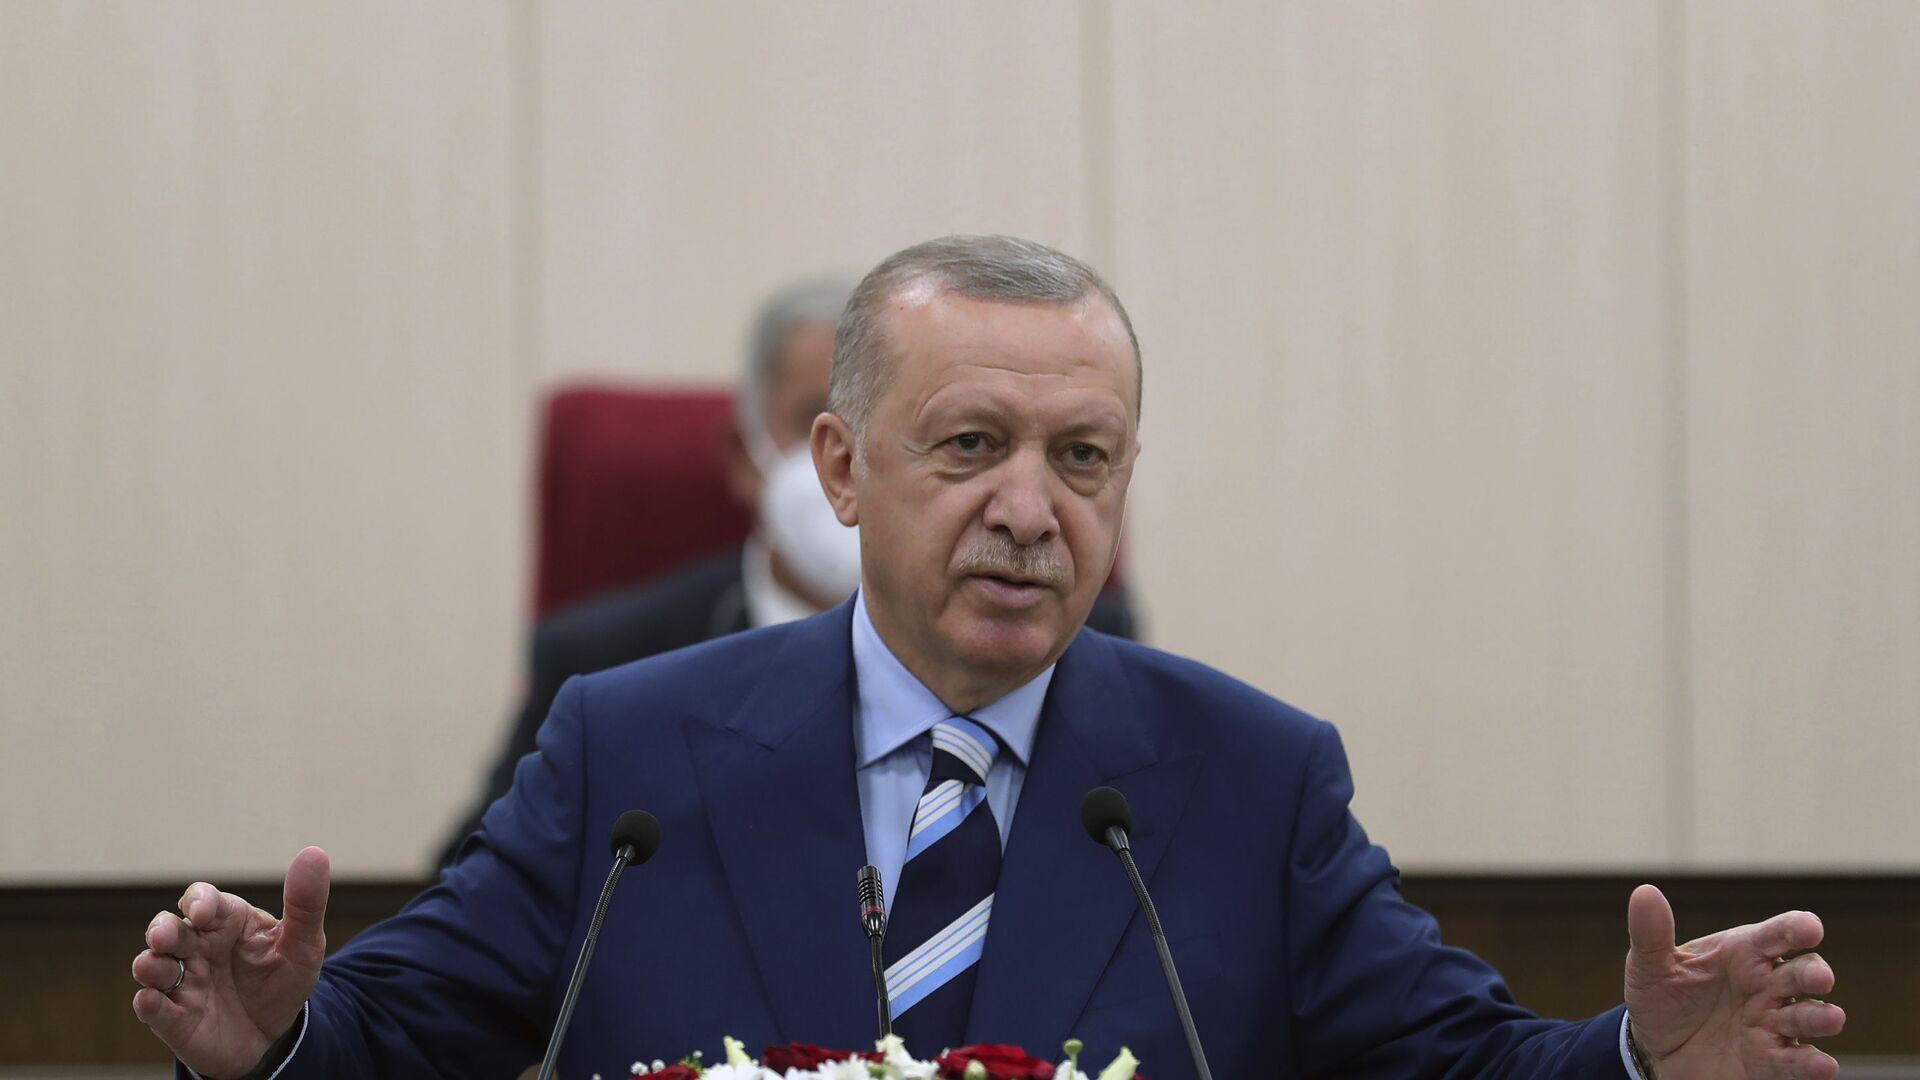 Türkiyə Prezidenti Rəcəb Tayyib Ərdoğan, arxiv şəkli - Sputnik Azərbaycan, 1920, 08.10.2021